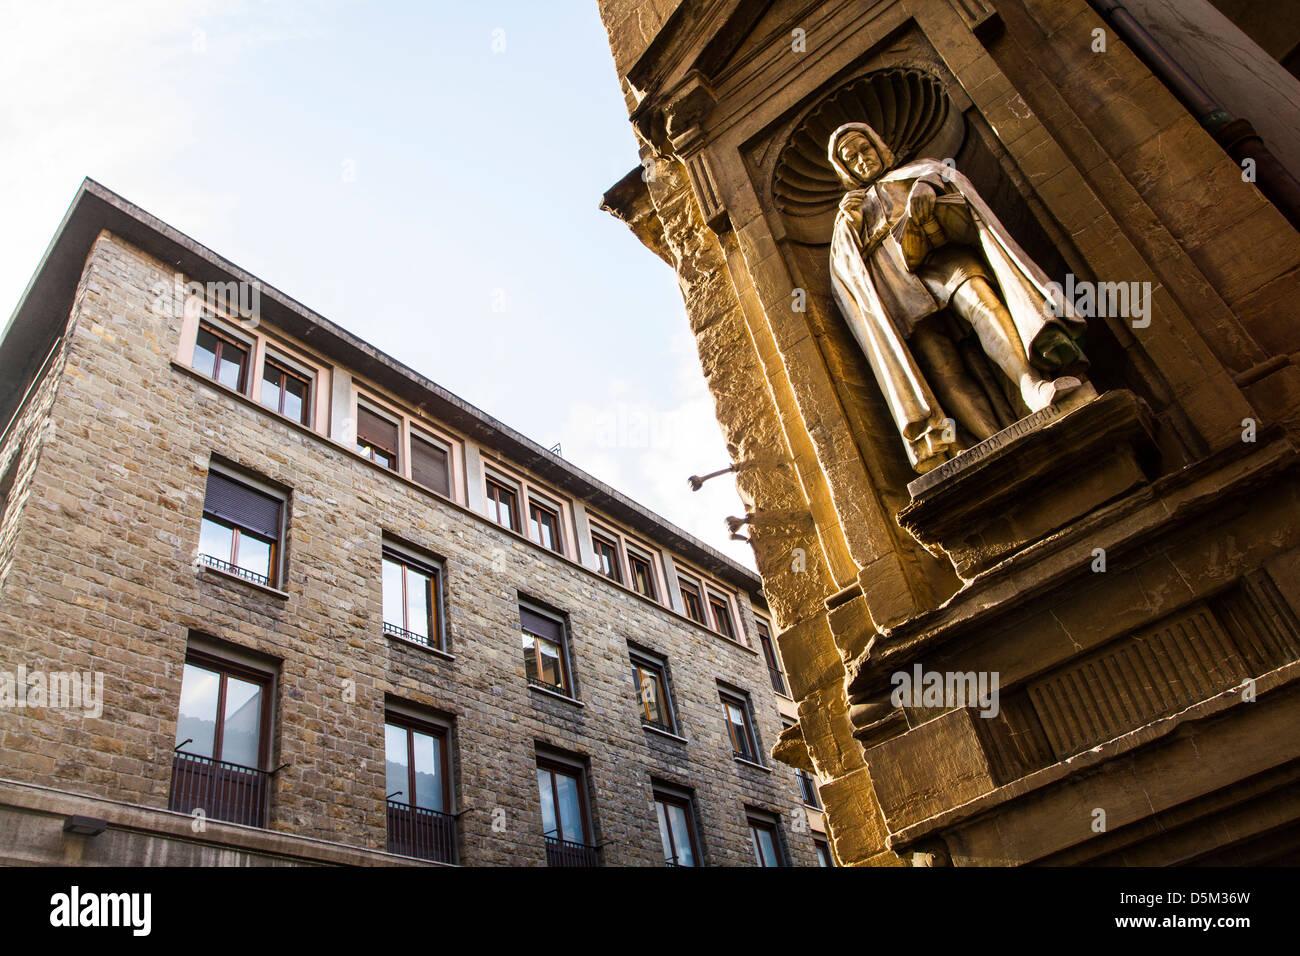 Statue of Giovanni Villani on the facade of Loggia del Mercato Nuovo. - Stock Image